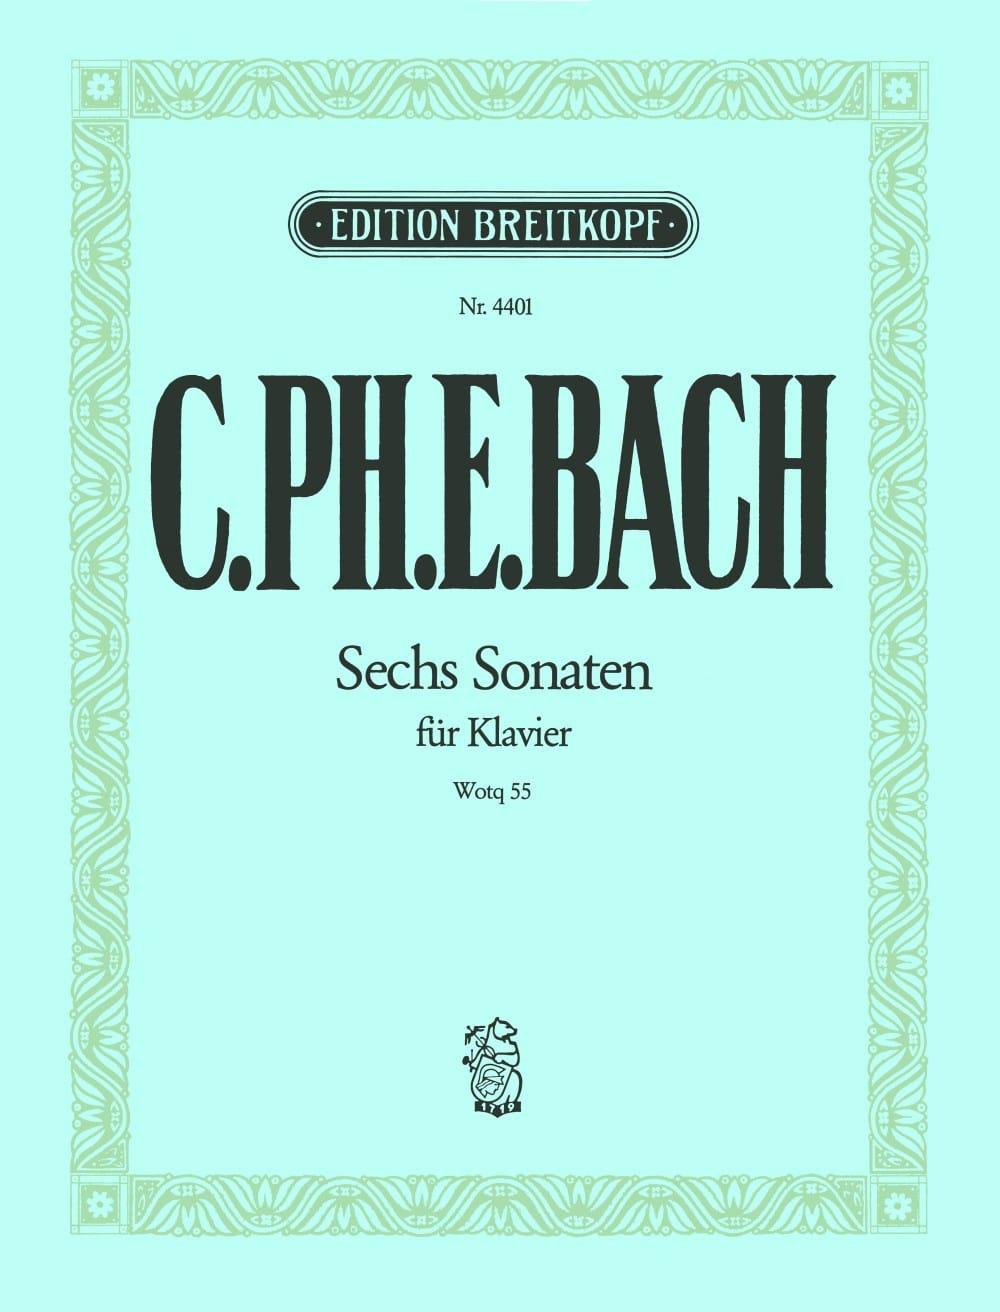 Carl-Philipp Emanuel Bach - Die 6 Sonaten Wq 55 - Partition - di-arezzo.com